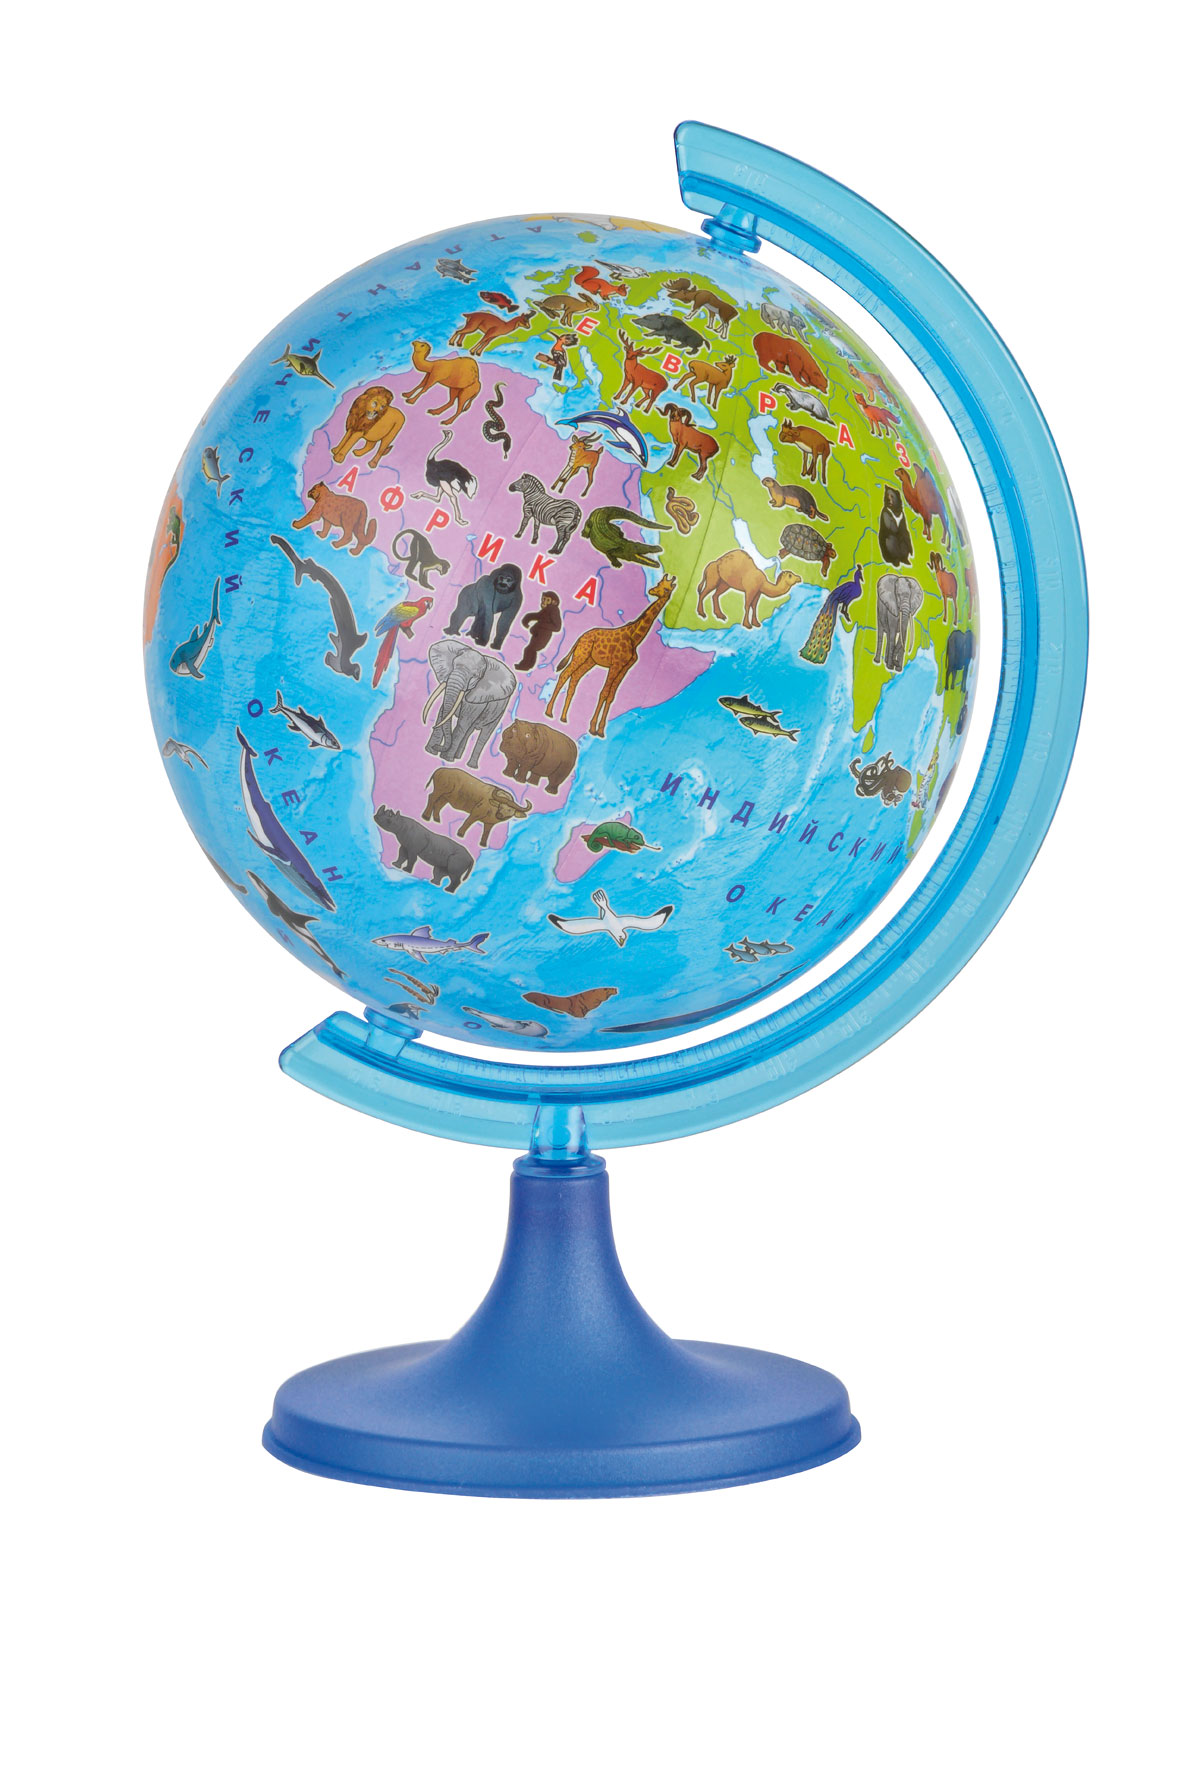 Глобус DMB Сафари, диаметр 16 см + Мини-энциклопедия Животный Мир ЗемлиRG142/PHГлобус DMB Сафари изготовлен из высококачественногопрочного пластика в оригинальной, яркой цветной гамме, где все материки и океаны выполнены в ярких контрастных красках, что привлечет внимание и интерес ребенка. На глобусе отображены самые известные животные, наиболее характерные для той или иной среды обитания. Изделие расположено на подставке. Географические названия на глобусе приведены нарусском языке. Сделайте первый шаг в стимулирование своегообучения! К глобусу прилагается мини-энциклопедия Животный Мир Земли, которая обязательно поможет детям и их родителям открыть для себя что-то новое в изучении животного мира нашей удивительной планеты.Настольный глобус DMB Сафари станет оригинальным украшением рабочегостола или вашего кабинета. Это изысканная вещь для стильного интерьера,которая станет прекрасным подарком для современного преуспевающегочеловека, следующего последним тенденциям моды и стремящегося кэлегантности и комфорту в каждой детали.Высота глобуса с подставкой: 24 см.Диаметр глобуса: 16 см.Масштаб: 1:80 000 000.